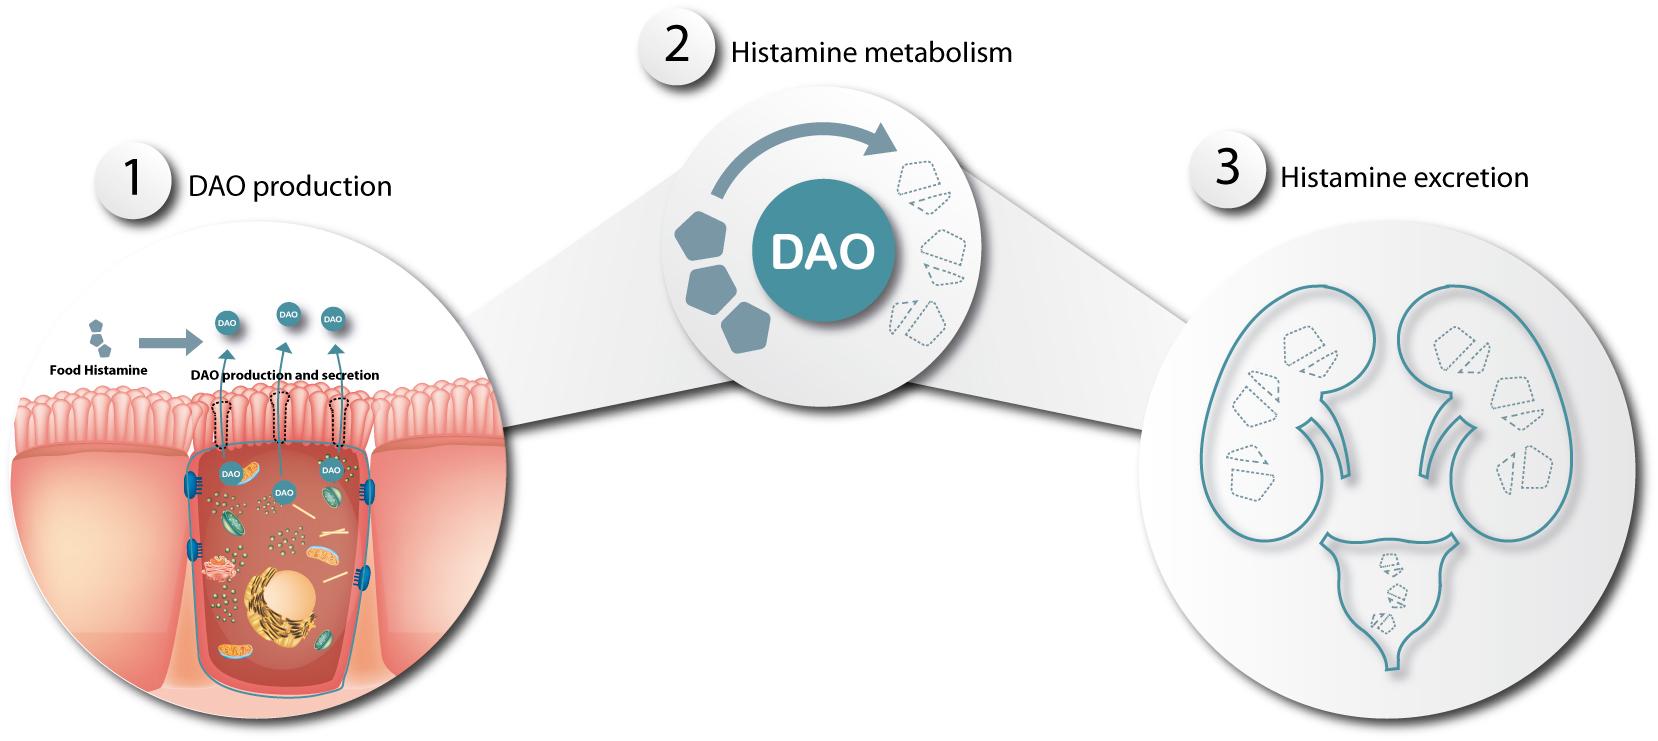 histamine metabolism in dao deficiency diamine oxidase